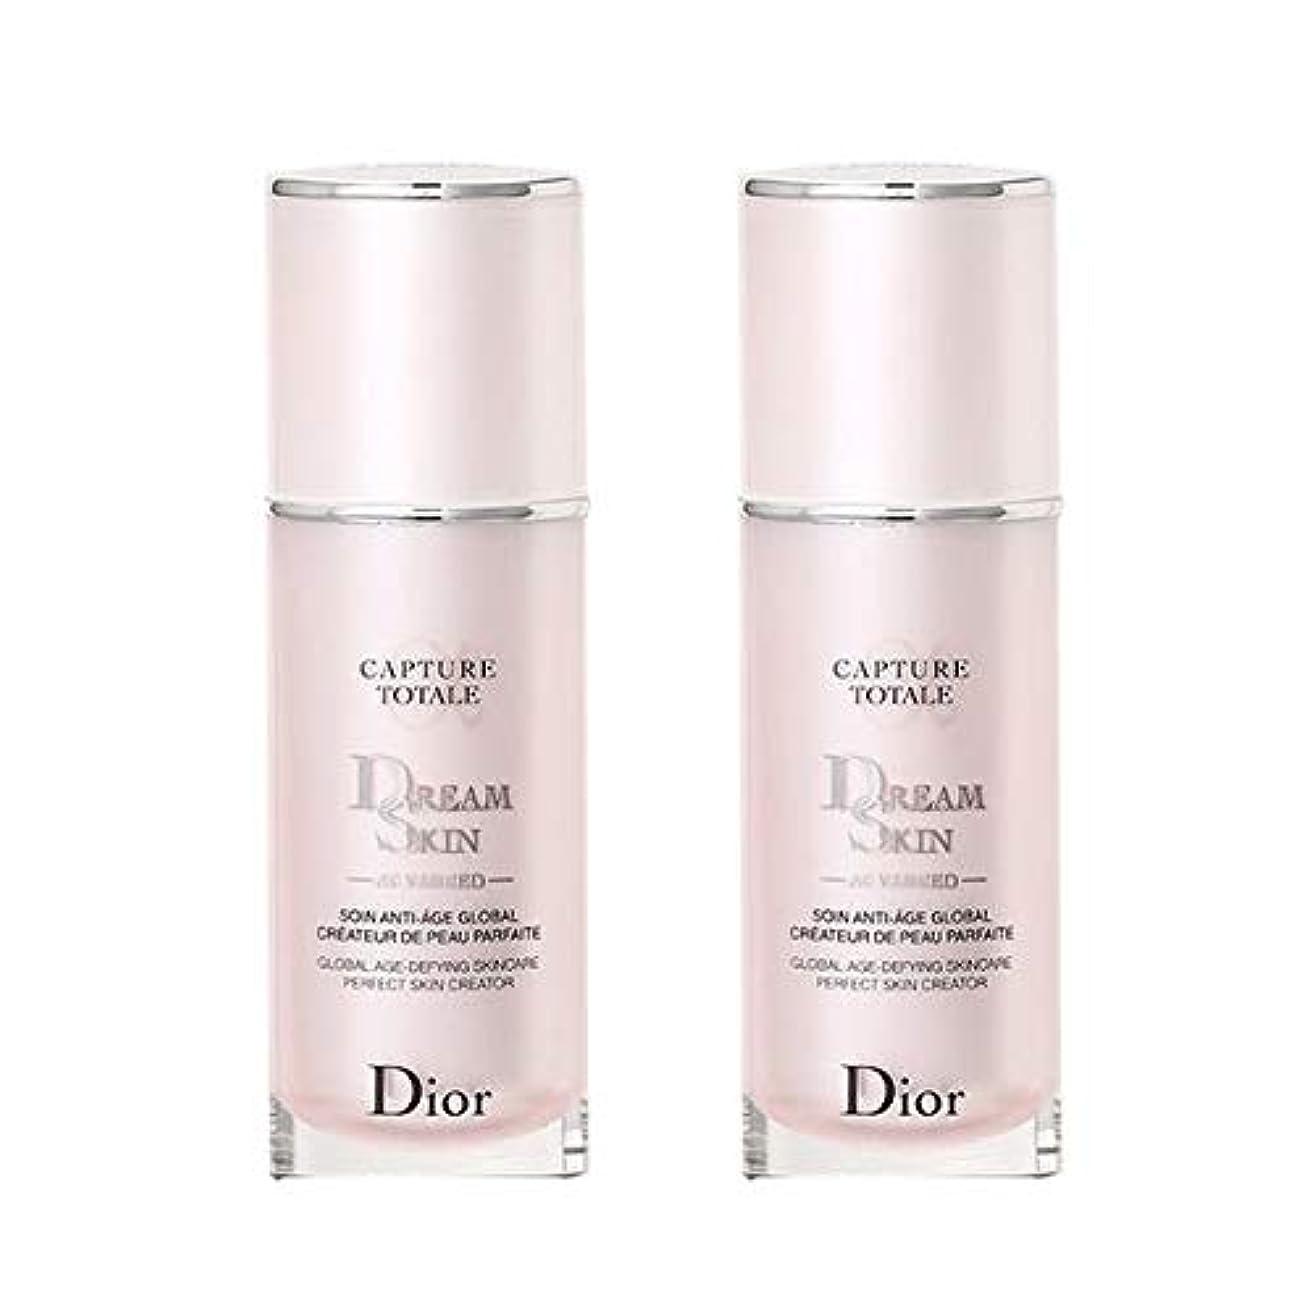 立ち寄るメタンくるくる【セット】クリスチャンディオール Christian Dior カプチュール トータル ドリームスキン アドバンスト 50mL 2個セット [並行輸入品]